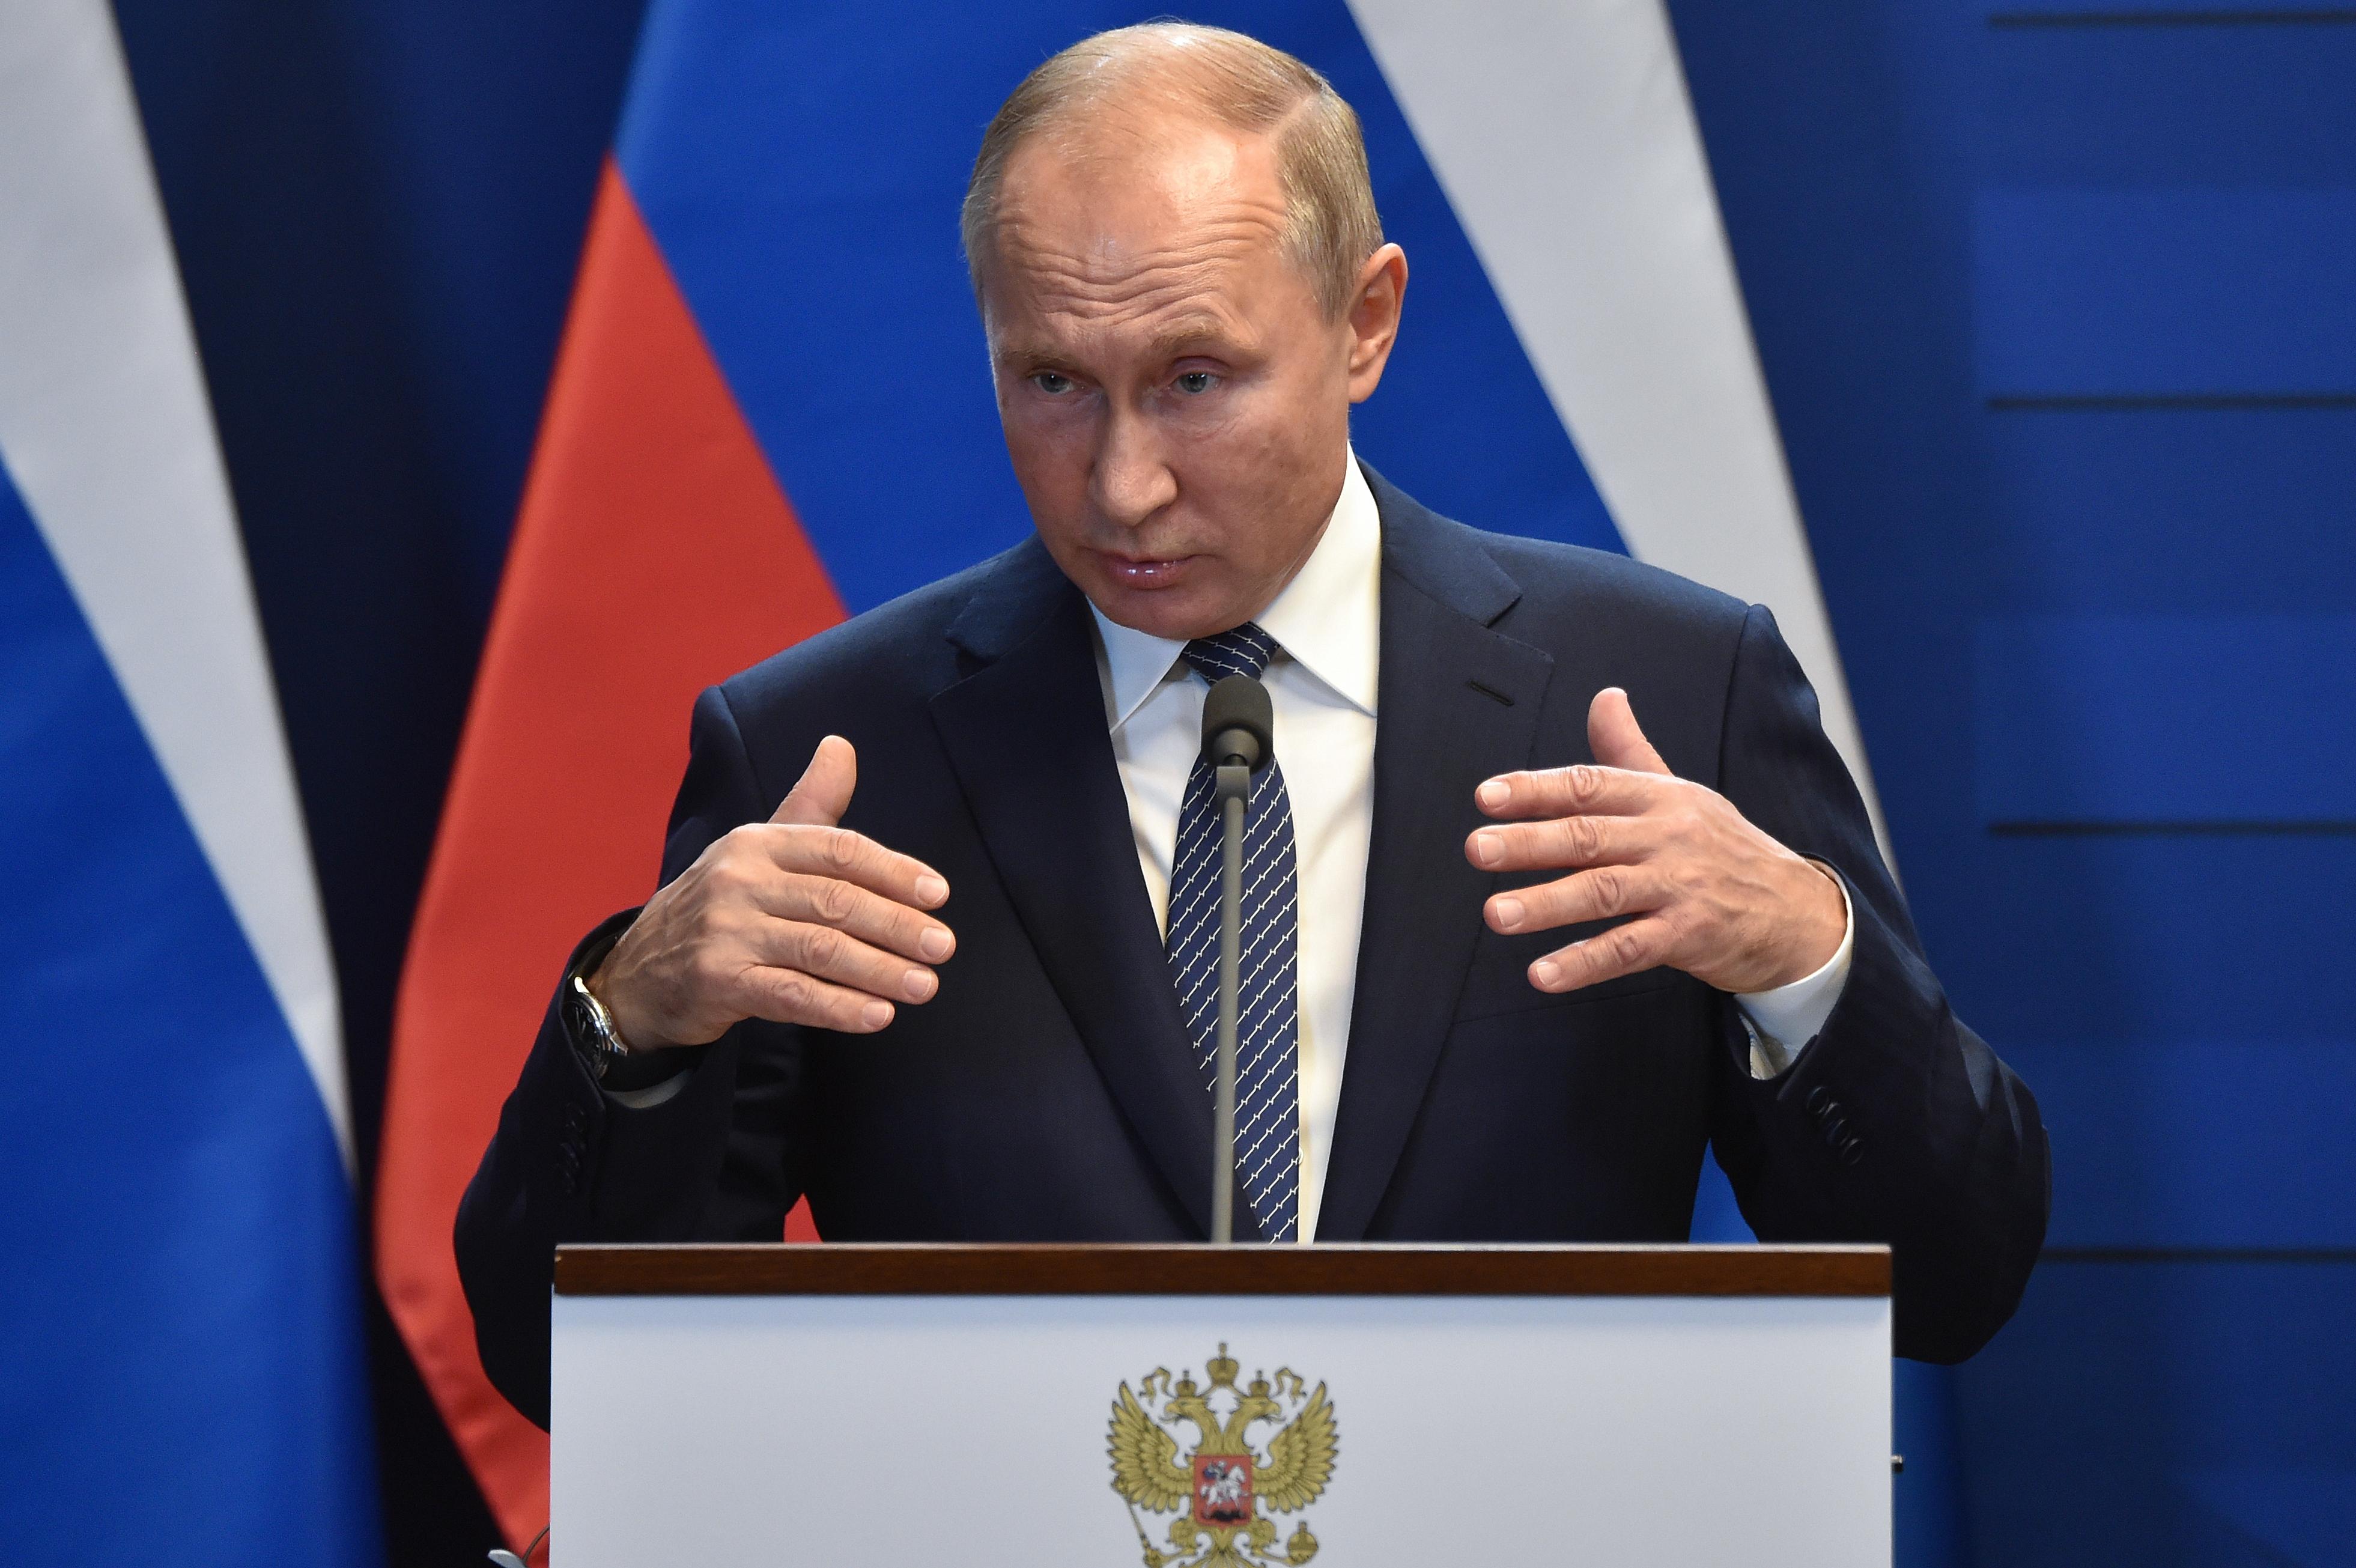 Putyin: Oroszországnak olyan fegyverei vannak, amiknek nincs párjuk külföldön